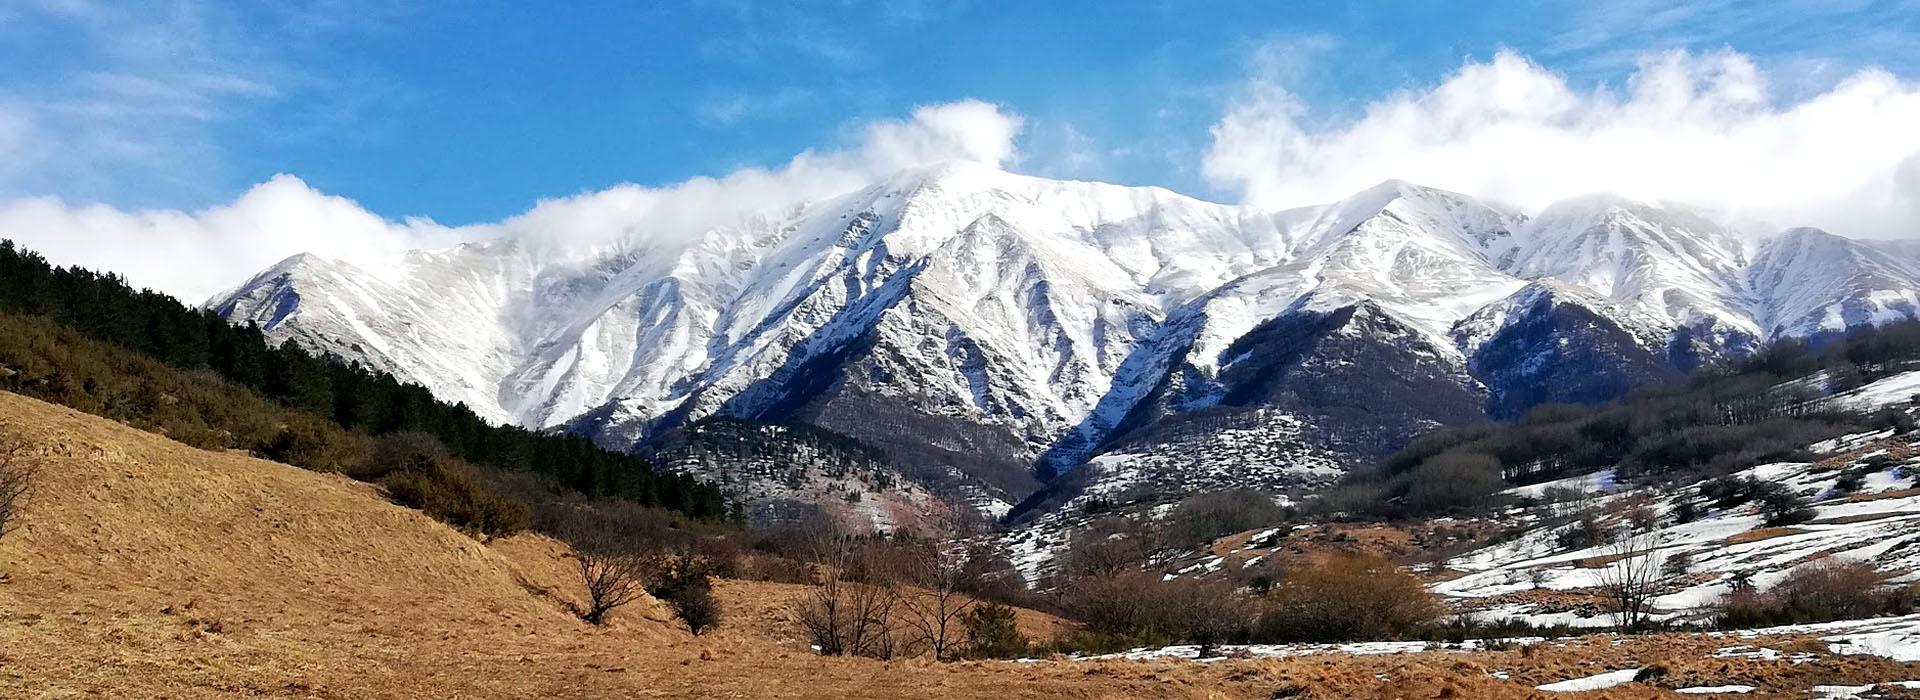 Valli e Montagne Appennino Centrale